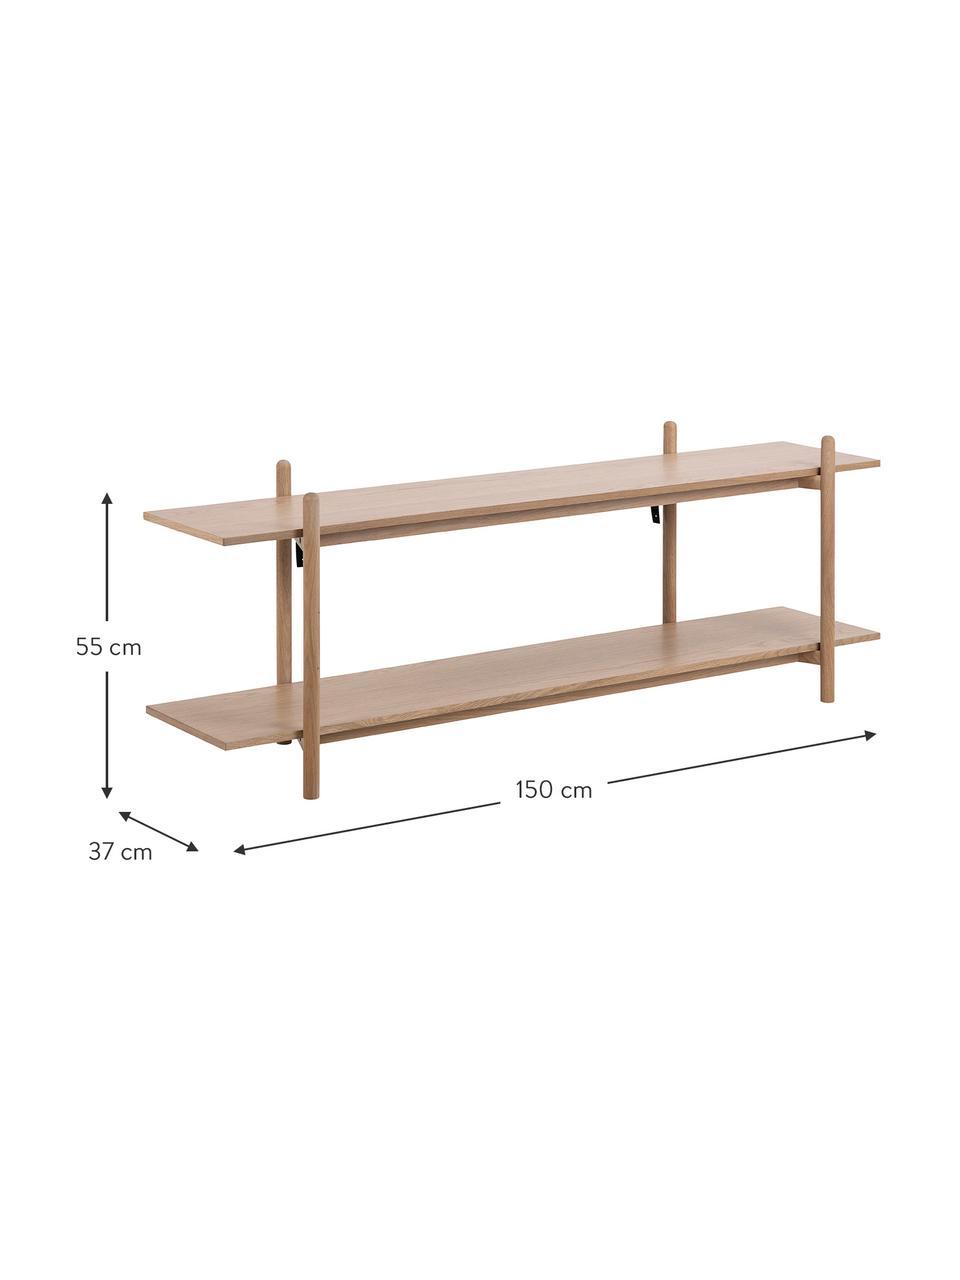 Libreria bassa in legno Asbaek, Pannello di fibra a media densità (MDF) con finitura in legno di quercia, Marrone, Larg. 150 x Alt. 55 cm